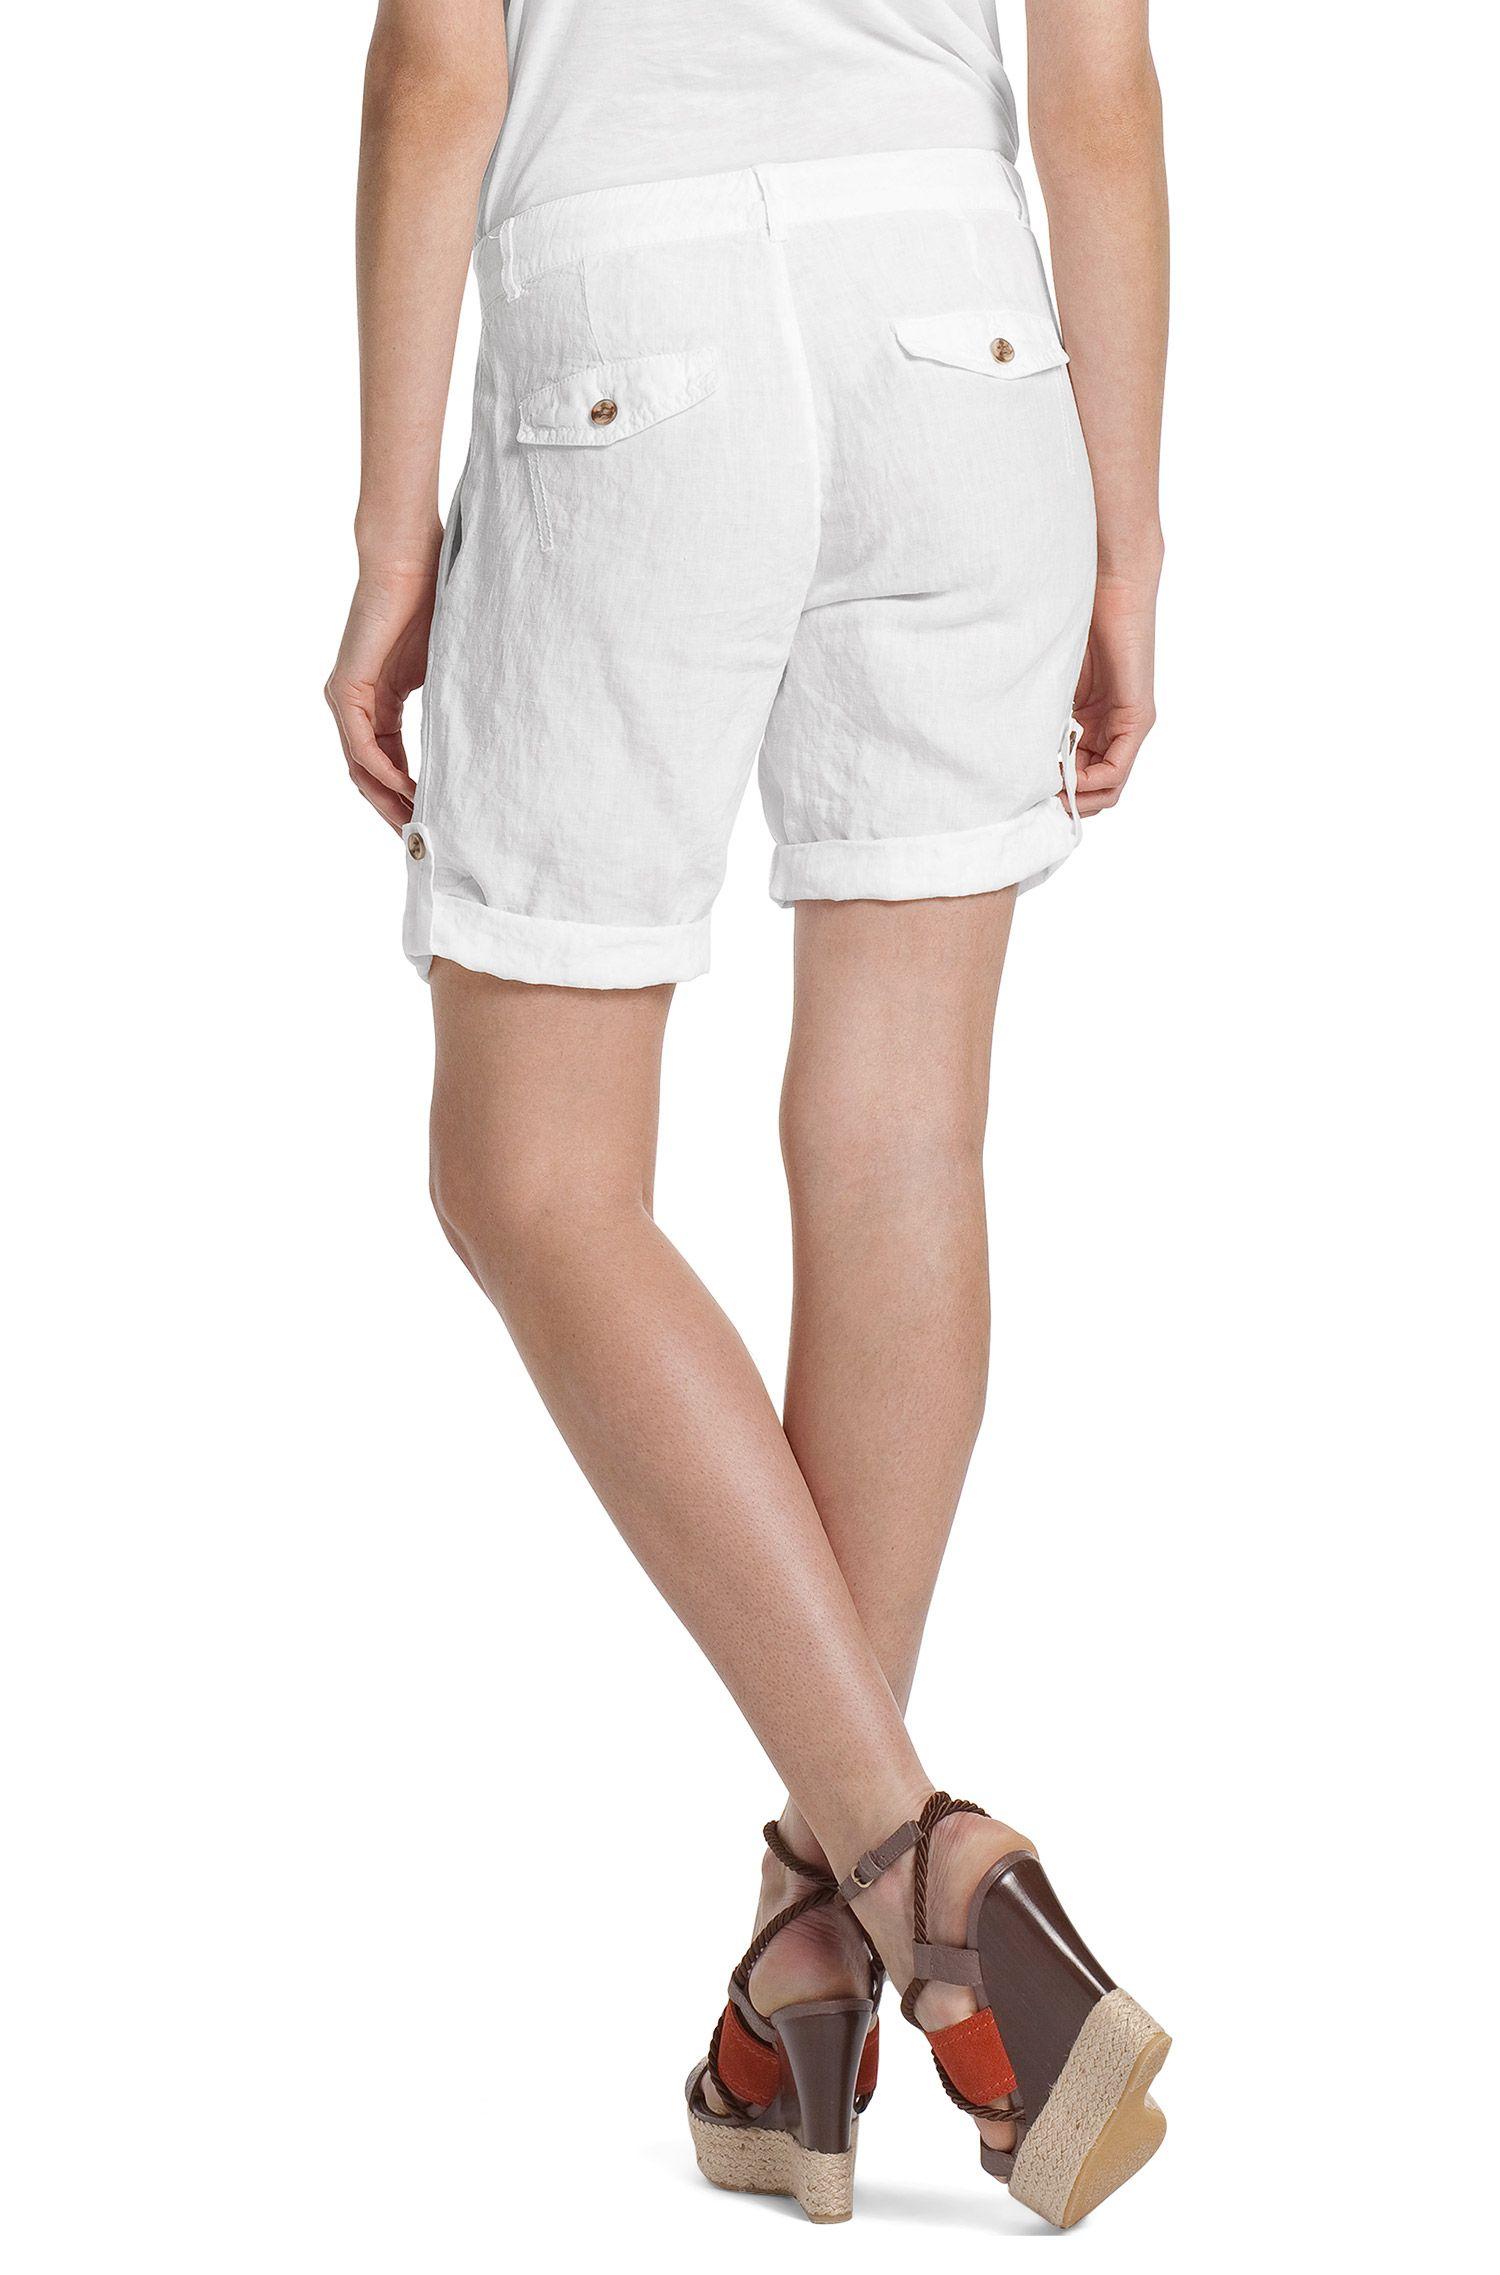 Shorts ´Saskiani-W` aus Leinen